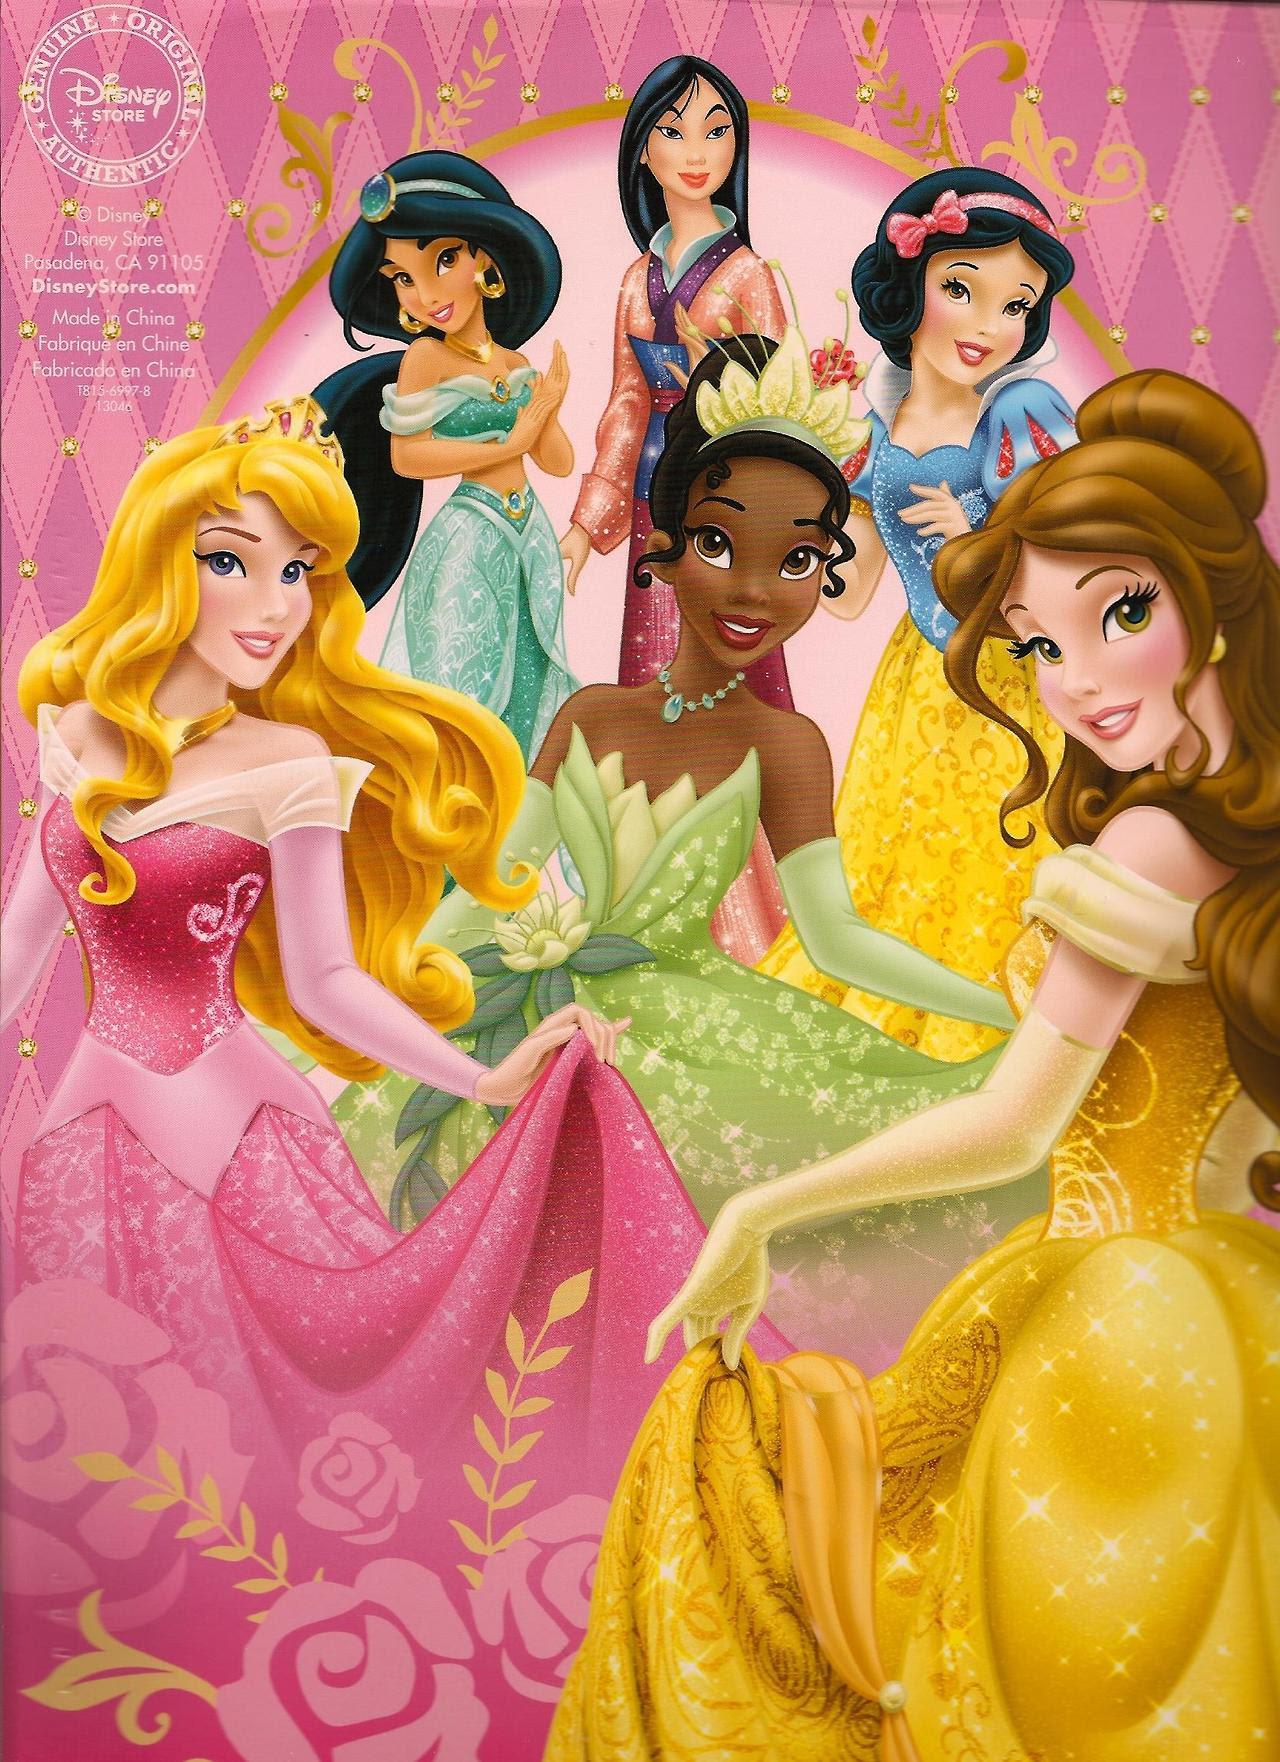 Disney Princesses - Disney Princess Photo (34679722) - Fanpop